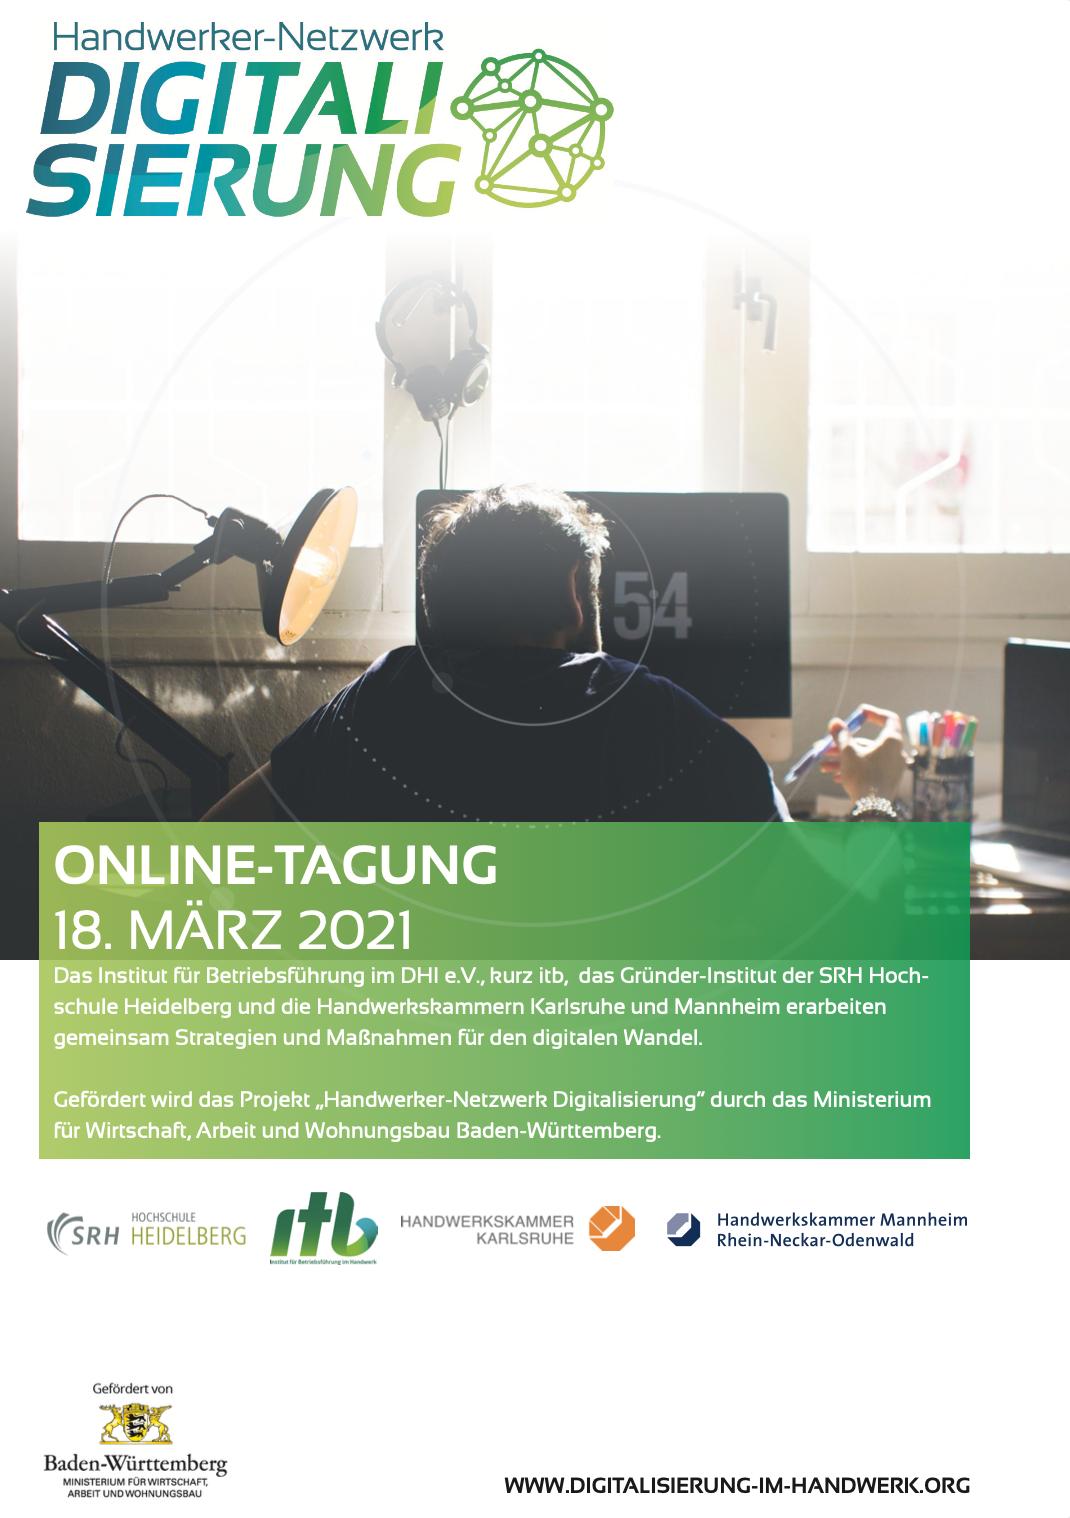 Handwerker Netzwerk Digitalisierung Konferenz Flyer